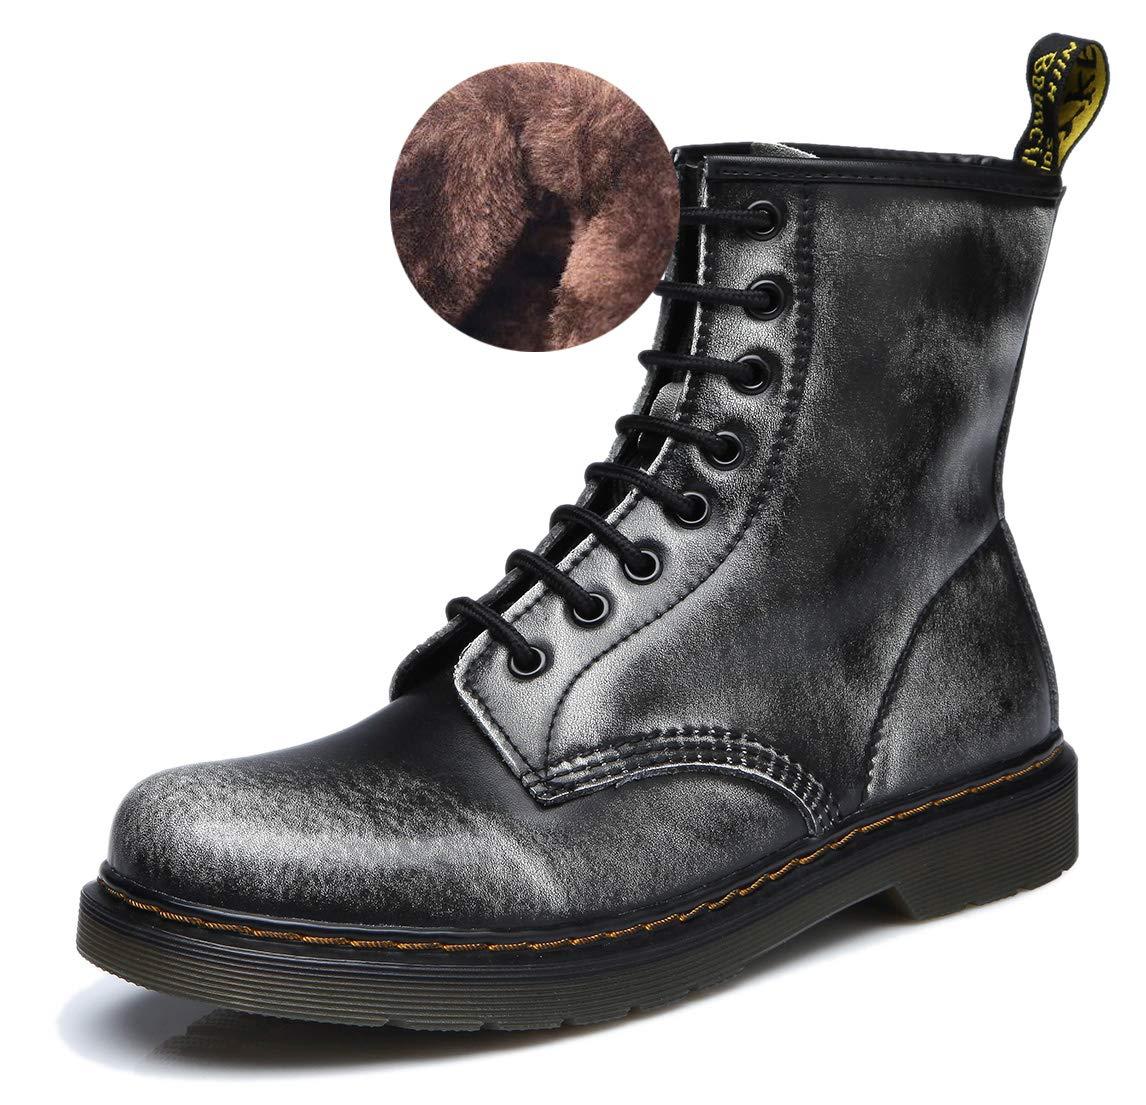 uBeauty - Bottes Femme - Martin Bottes Bottines - - 14451 Boots Flattie Sport - Chaussures Classiques - Bottines À Lacets Velours gris 6832624 - reprogrammed.space